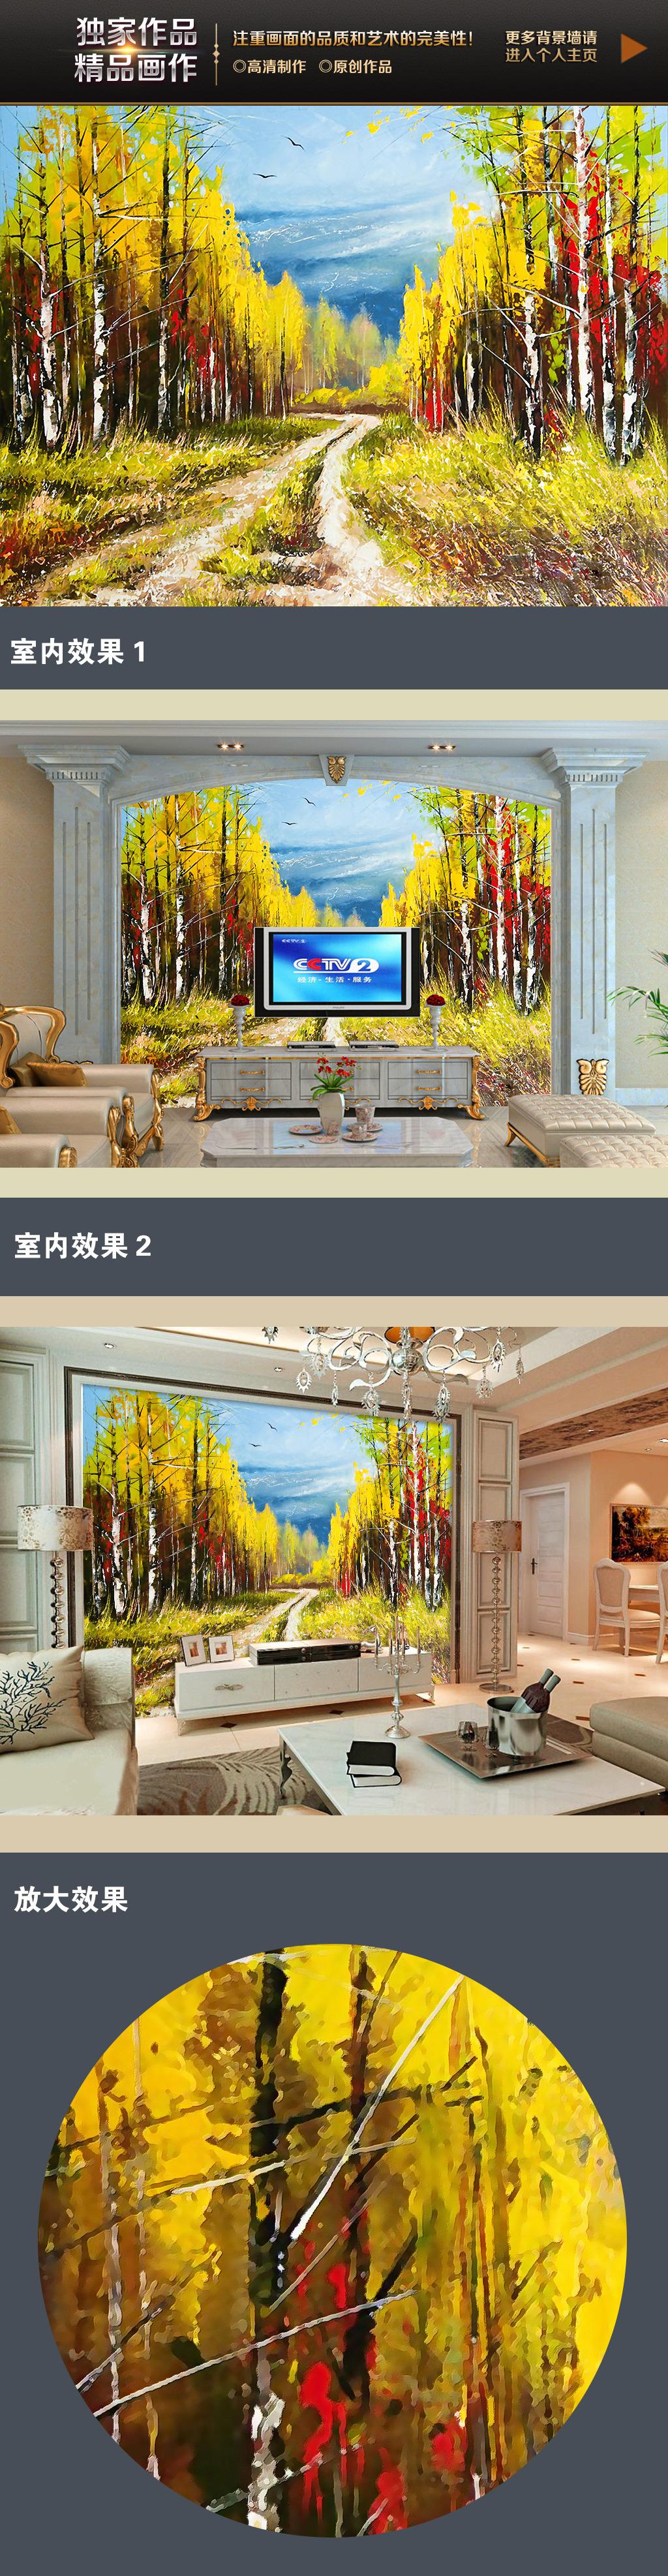 油画 油画背景墙 风景油画 风景画 树林风景 欧式油画 森林小路 秋天